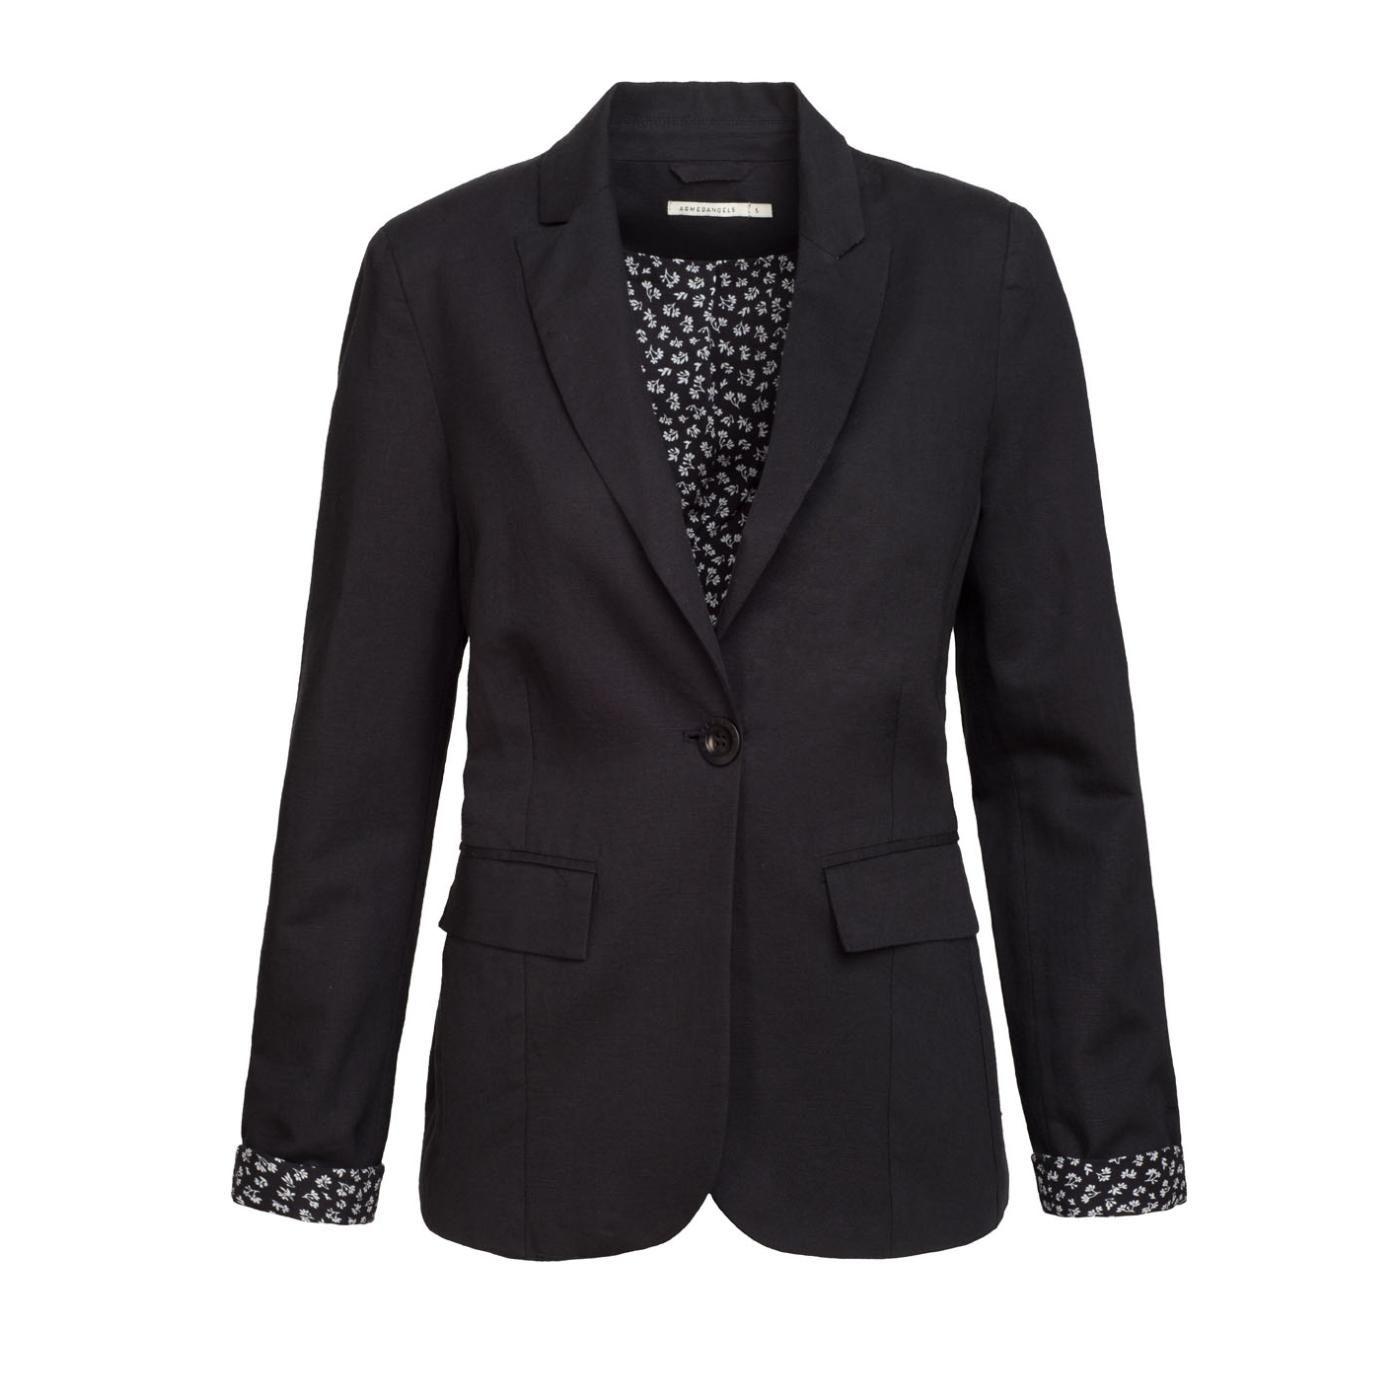 Blazer SolidArmedangels Naomi Fair Trade Vêtements Y7gyb6f